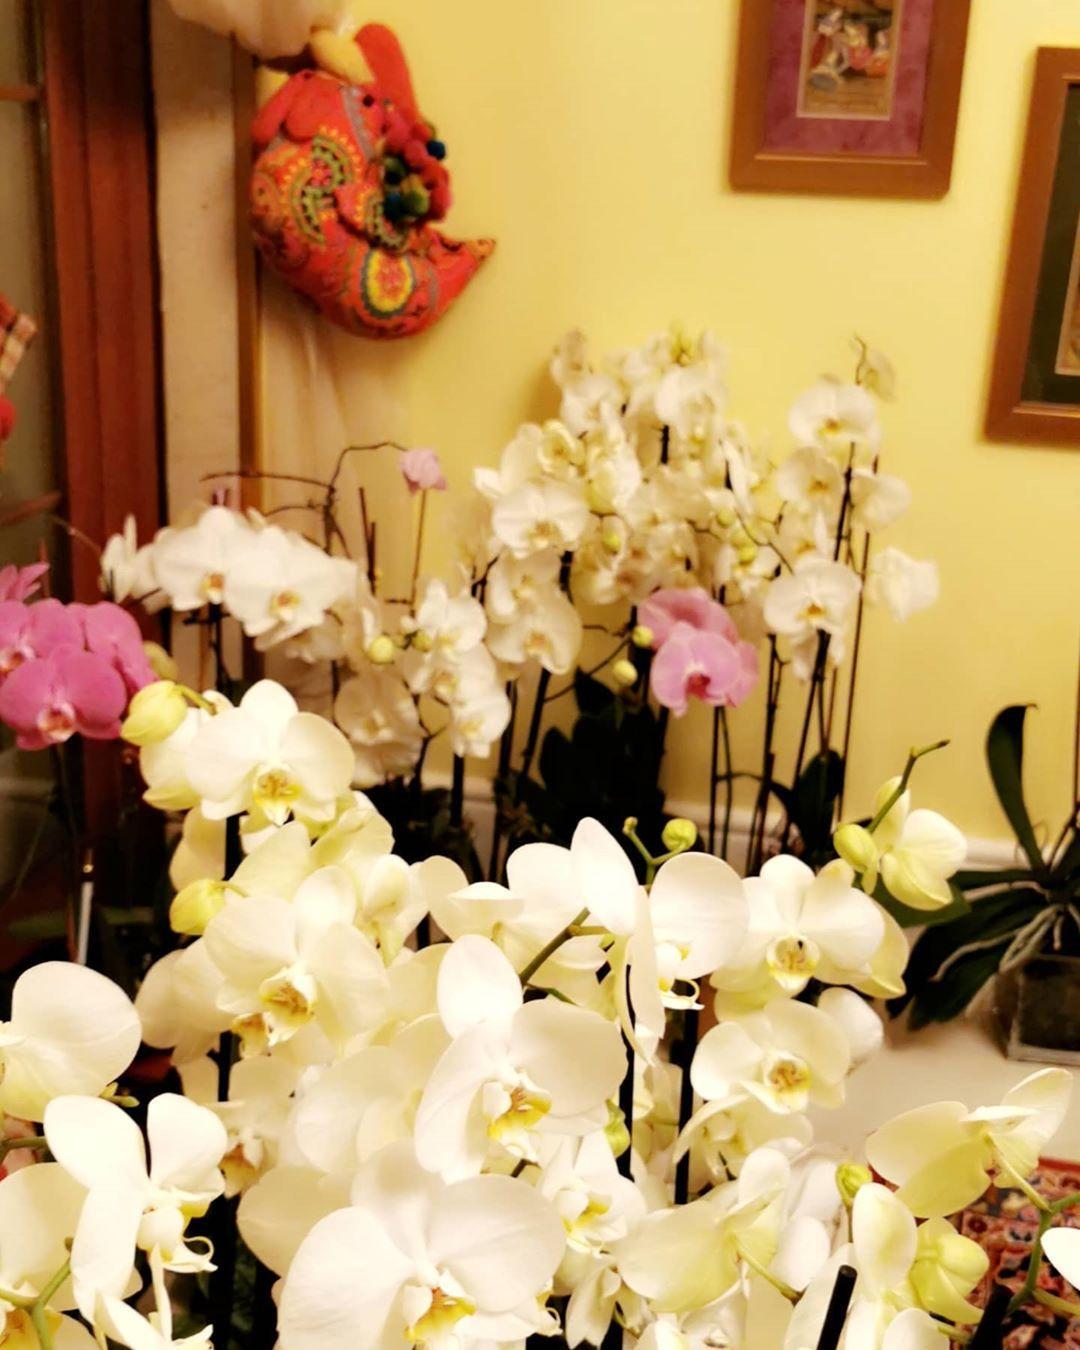 حطوا الورد الطبيعي في بيتكم فعلا يجدد الطاقه والمكان وفي ورد يظل Plants